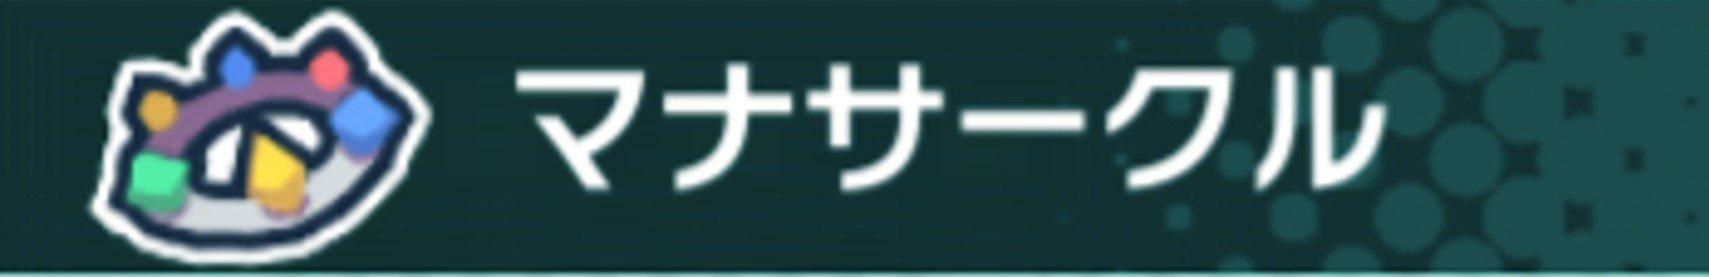 マナサークル